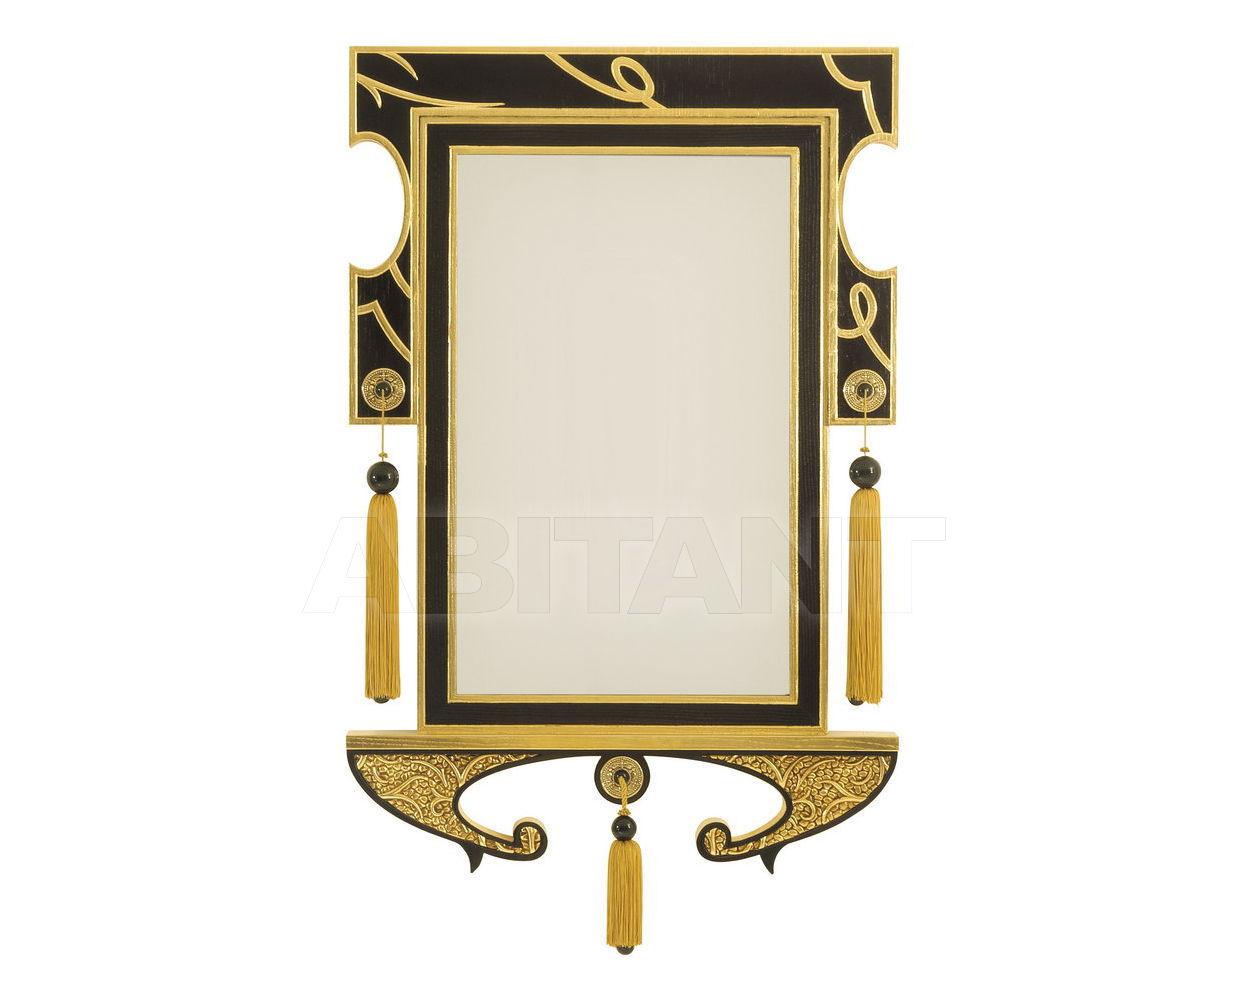 Купить Зеркало настенное Colombostile s.p.a. Transculture/noir Et Or 1748 SP